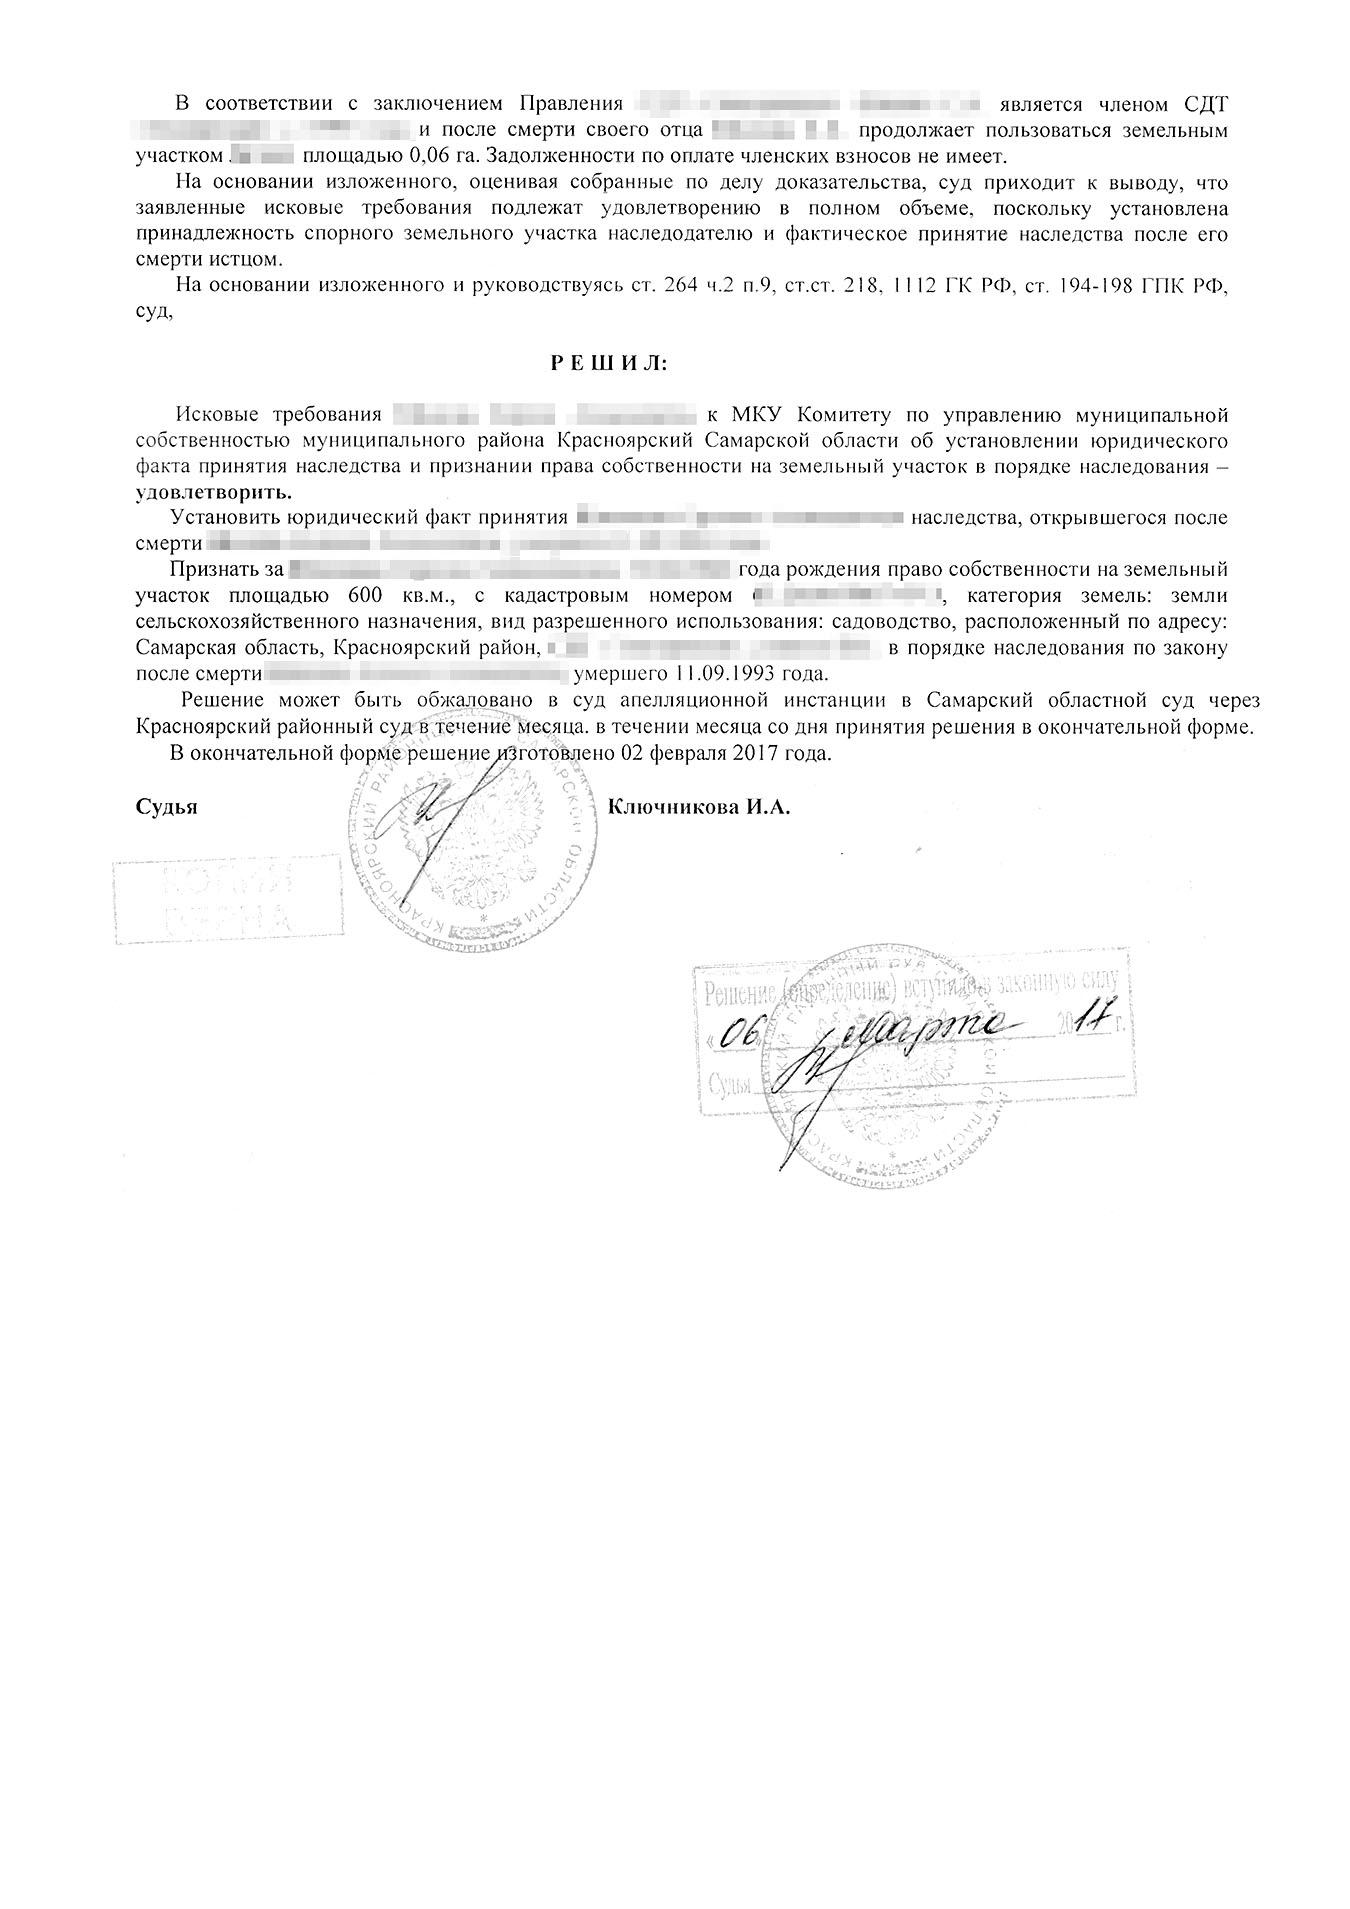 Решение суда о признании права собственности в порядке наследования. Оно необходимо длярегистрации права собственности в Росреестре